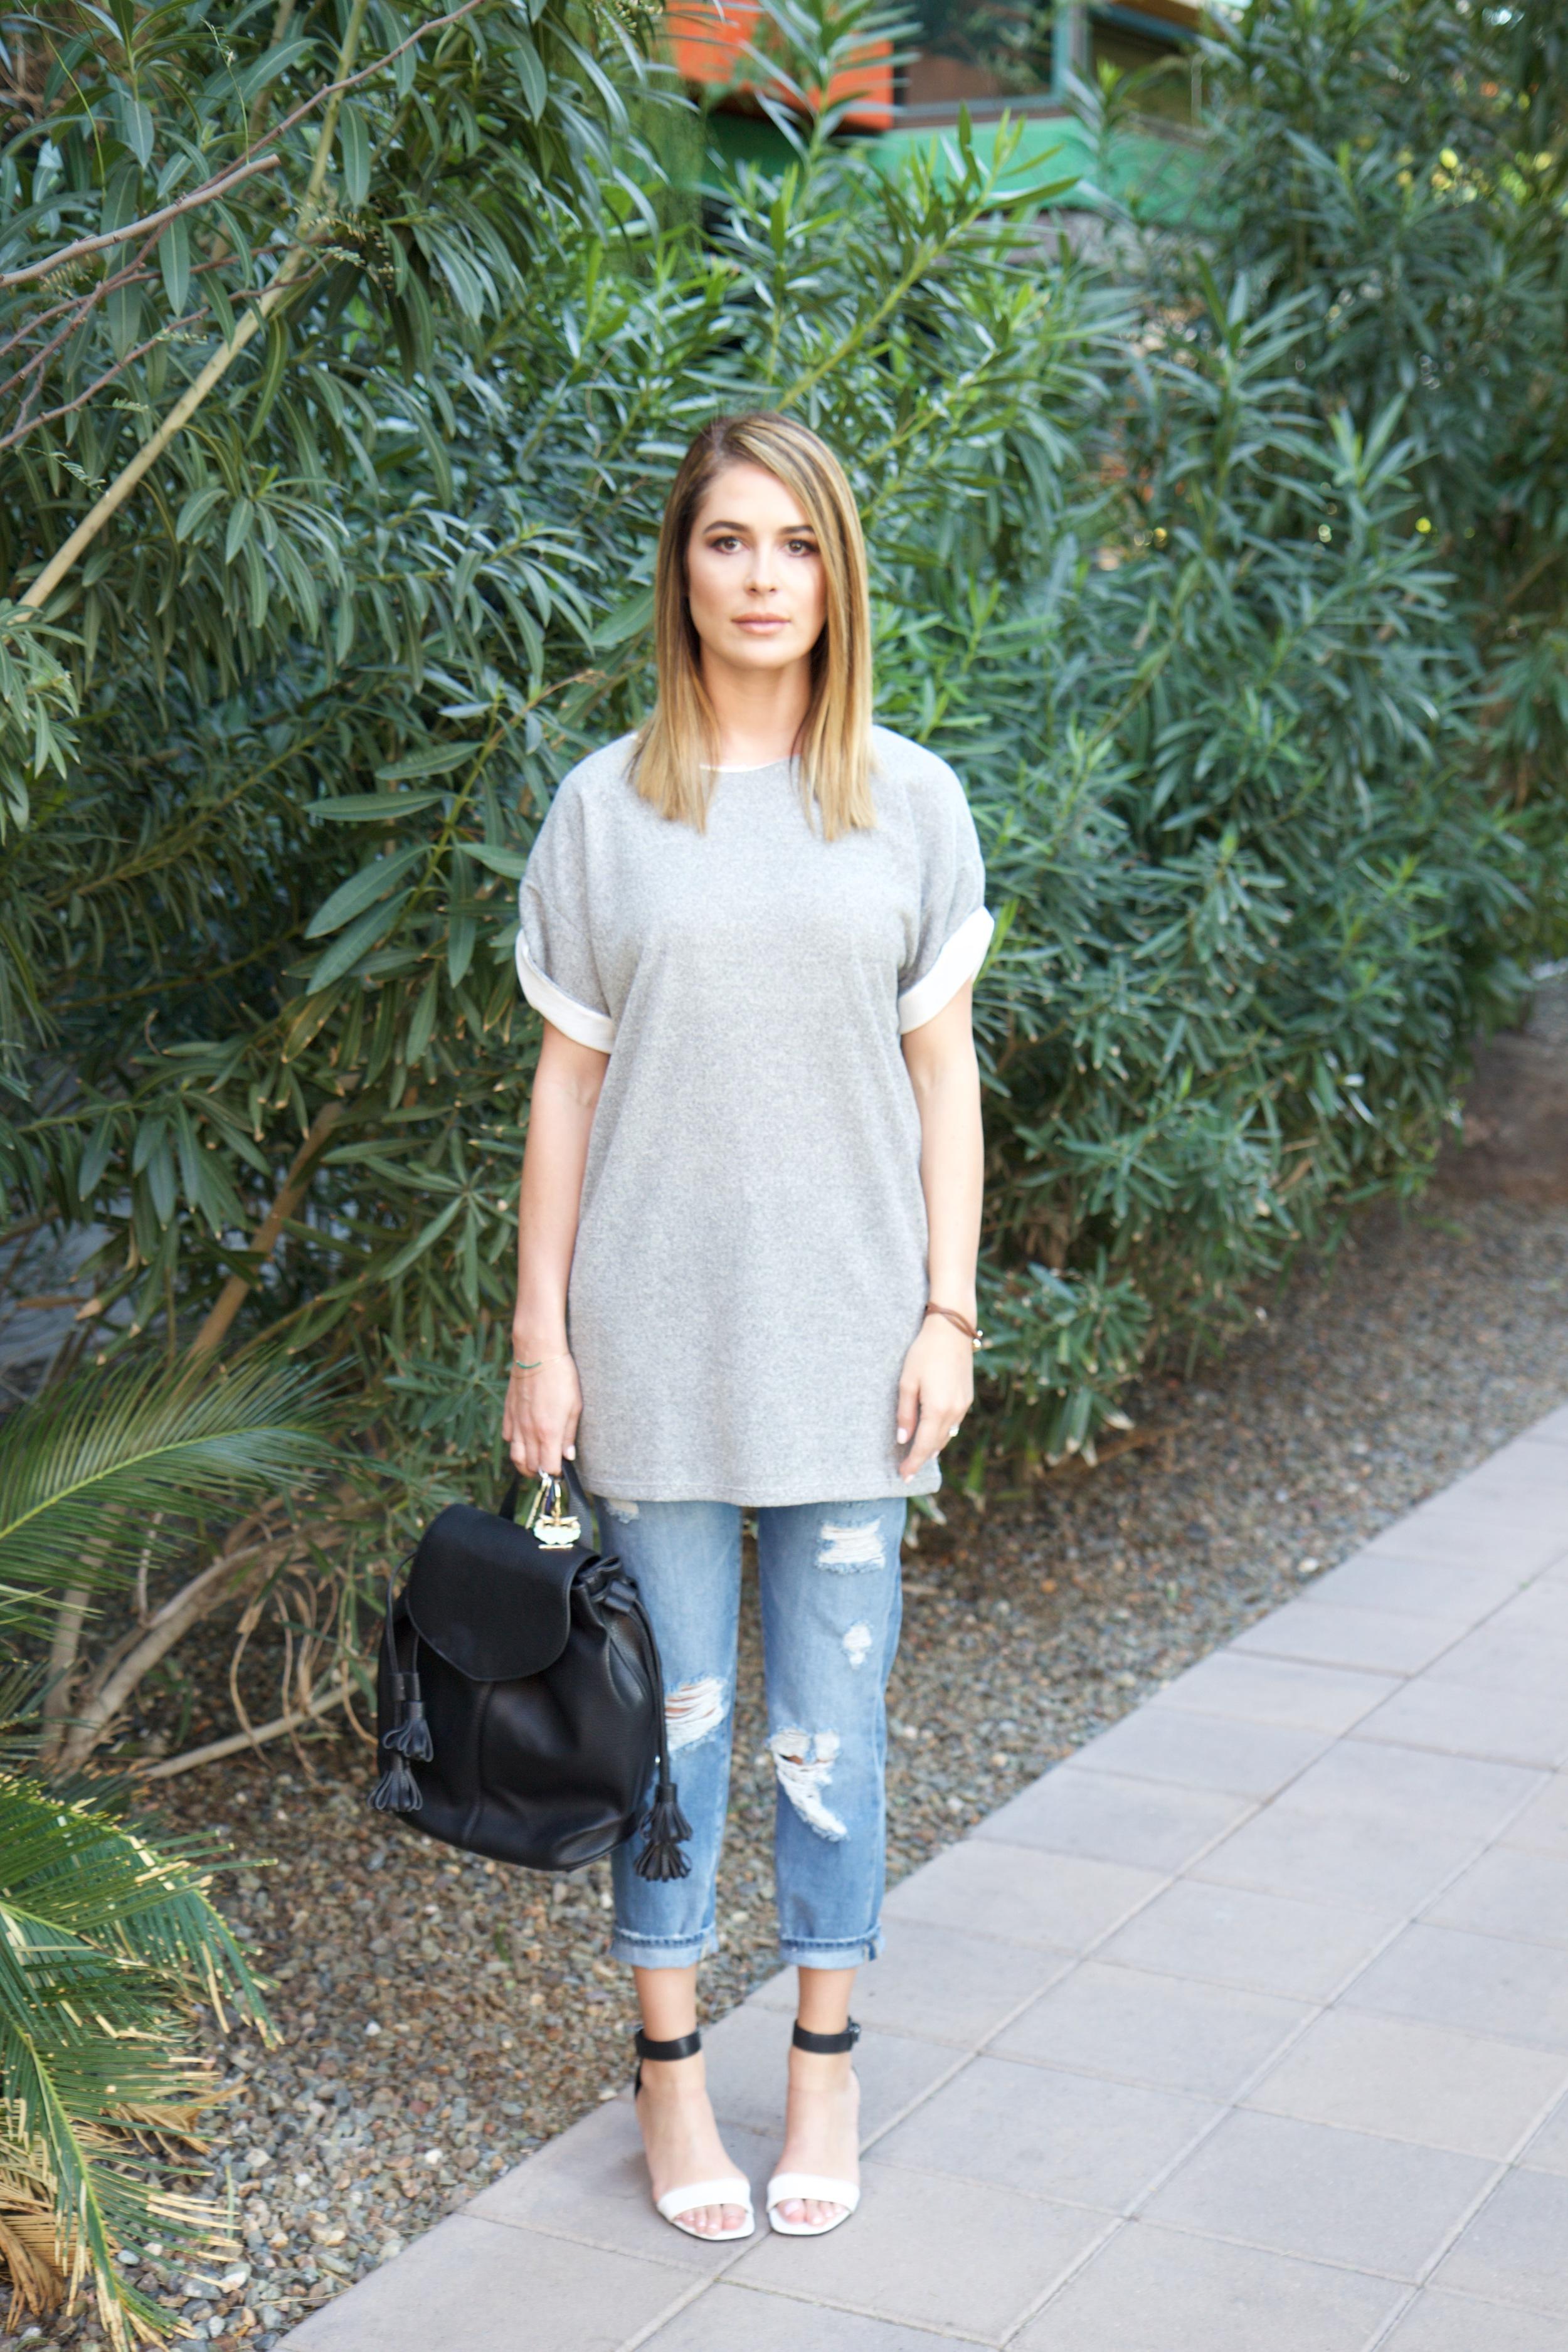 Zara Bucket Backpack $26  ||  10 Crosby Derek Lam Heels *SALE* $138